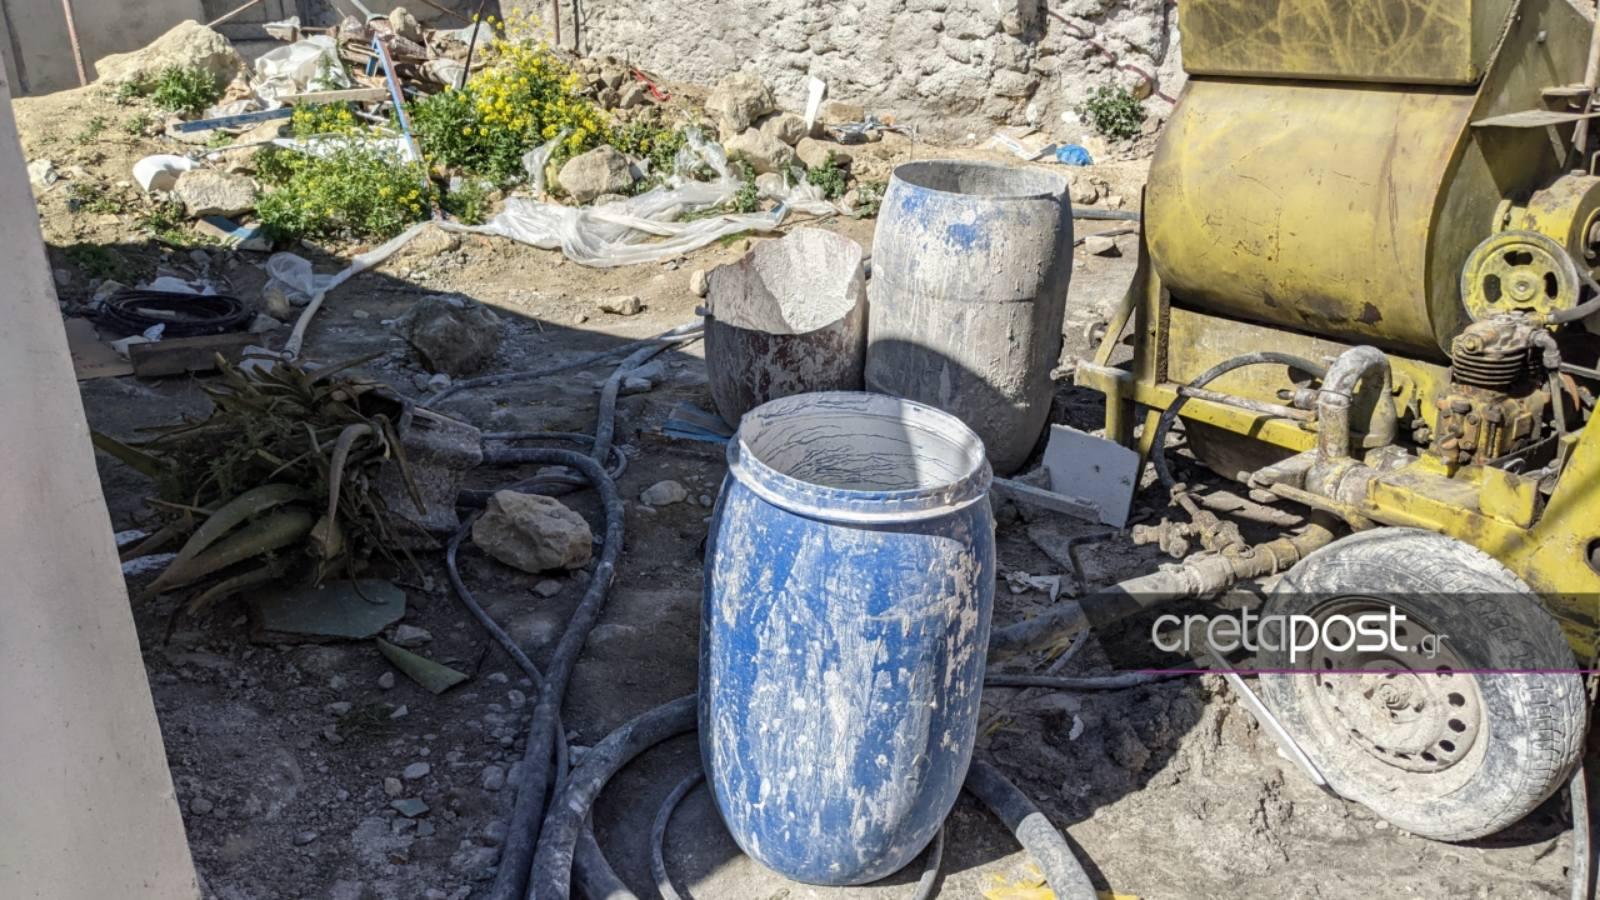 Κρήτη: Αυτοψία στο εργοτάξιο που βρέθηκε αναίσθητο το δίχρονο παιδί μέσα σε βαρέλι – Οι γιατροί «ψάχνουν» ένα δεύτερο θαύμα (pics)